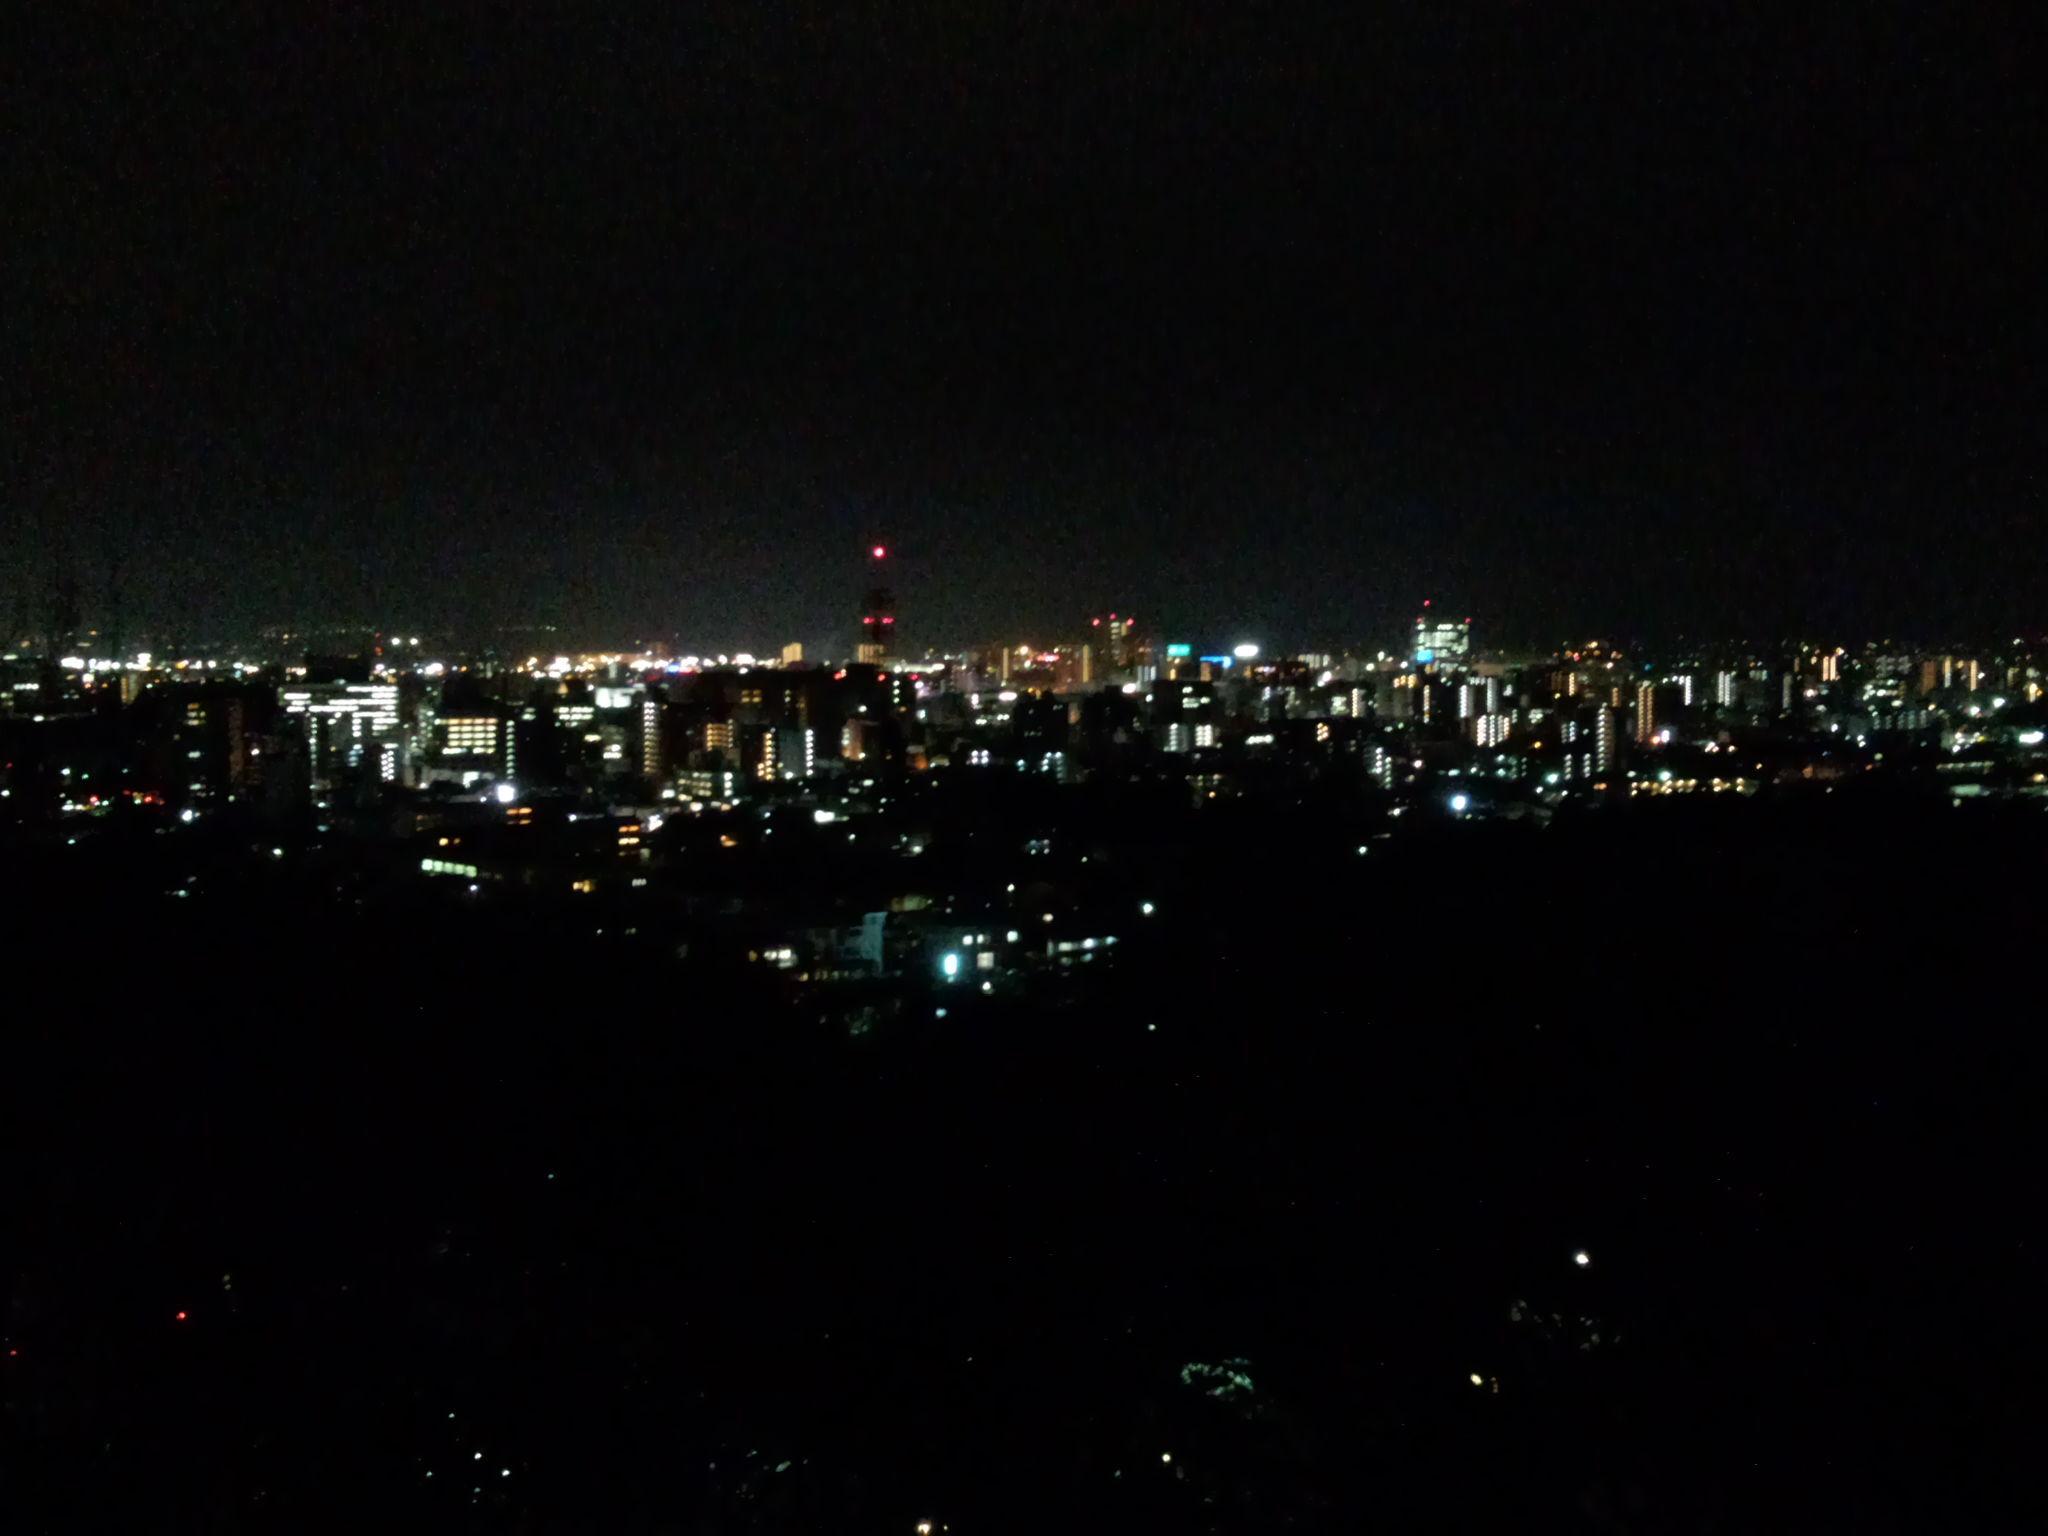 北東方向には市街地の夜景の中心にテレビ塔が見える